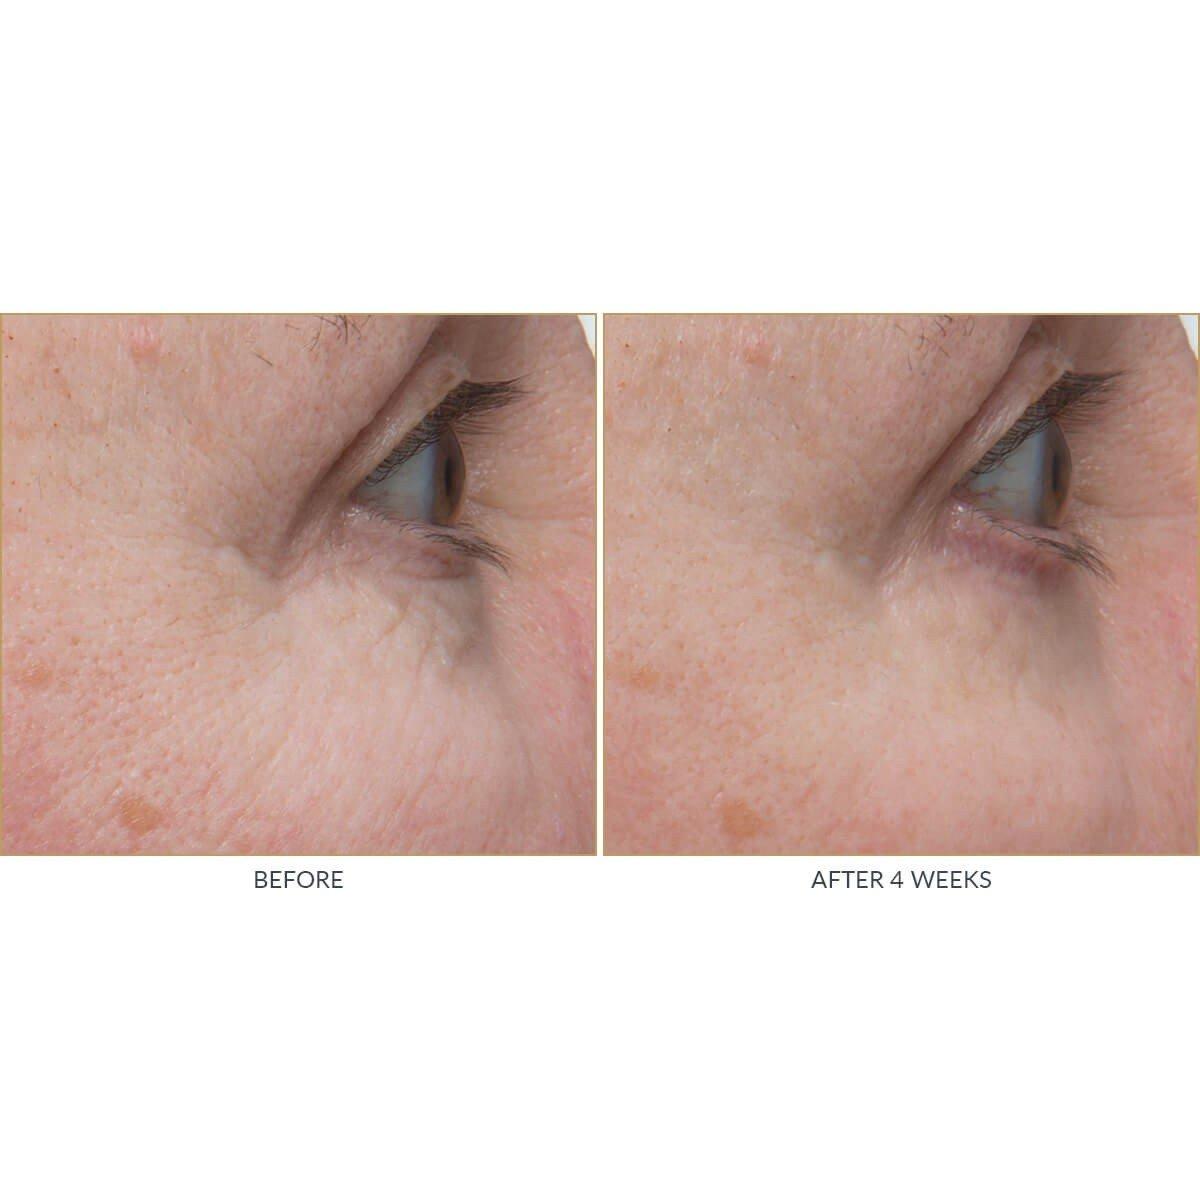 Kate Somerville +Retinol Firming Eye Cream - Eye Wrinkle Cream - Retinol Eye Cream (0.5 Fl. Oz) by Kate Somerville (Image #5)